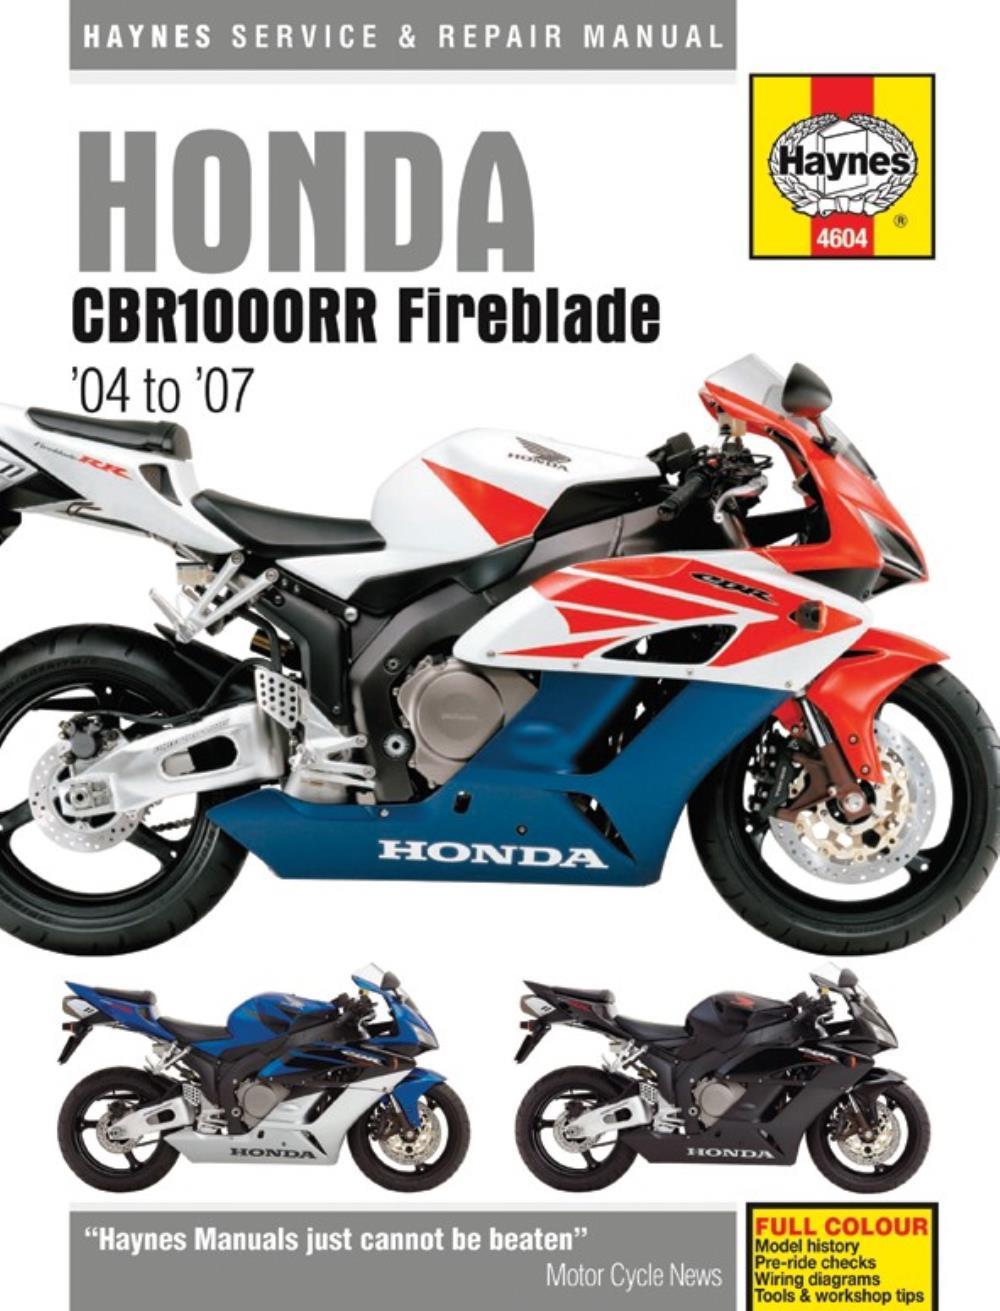 Manual Haynes For 2006 Honda Cbr 1000 Rr6 Fireblade Ebay Wiring Diagram